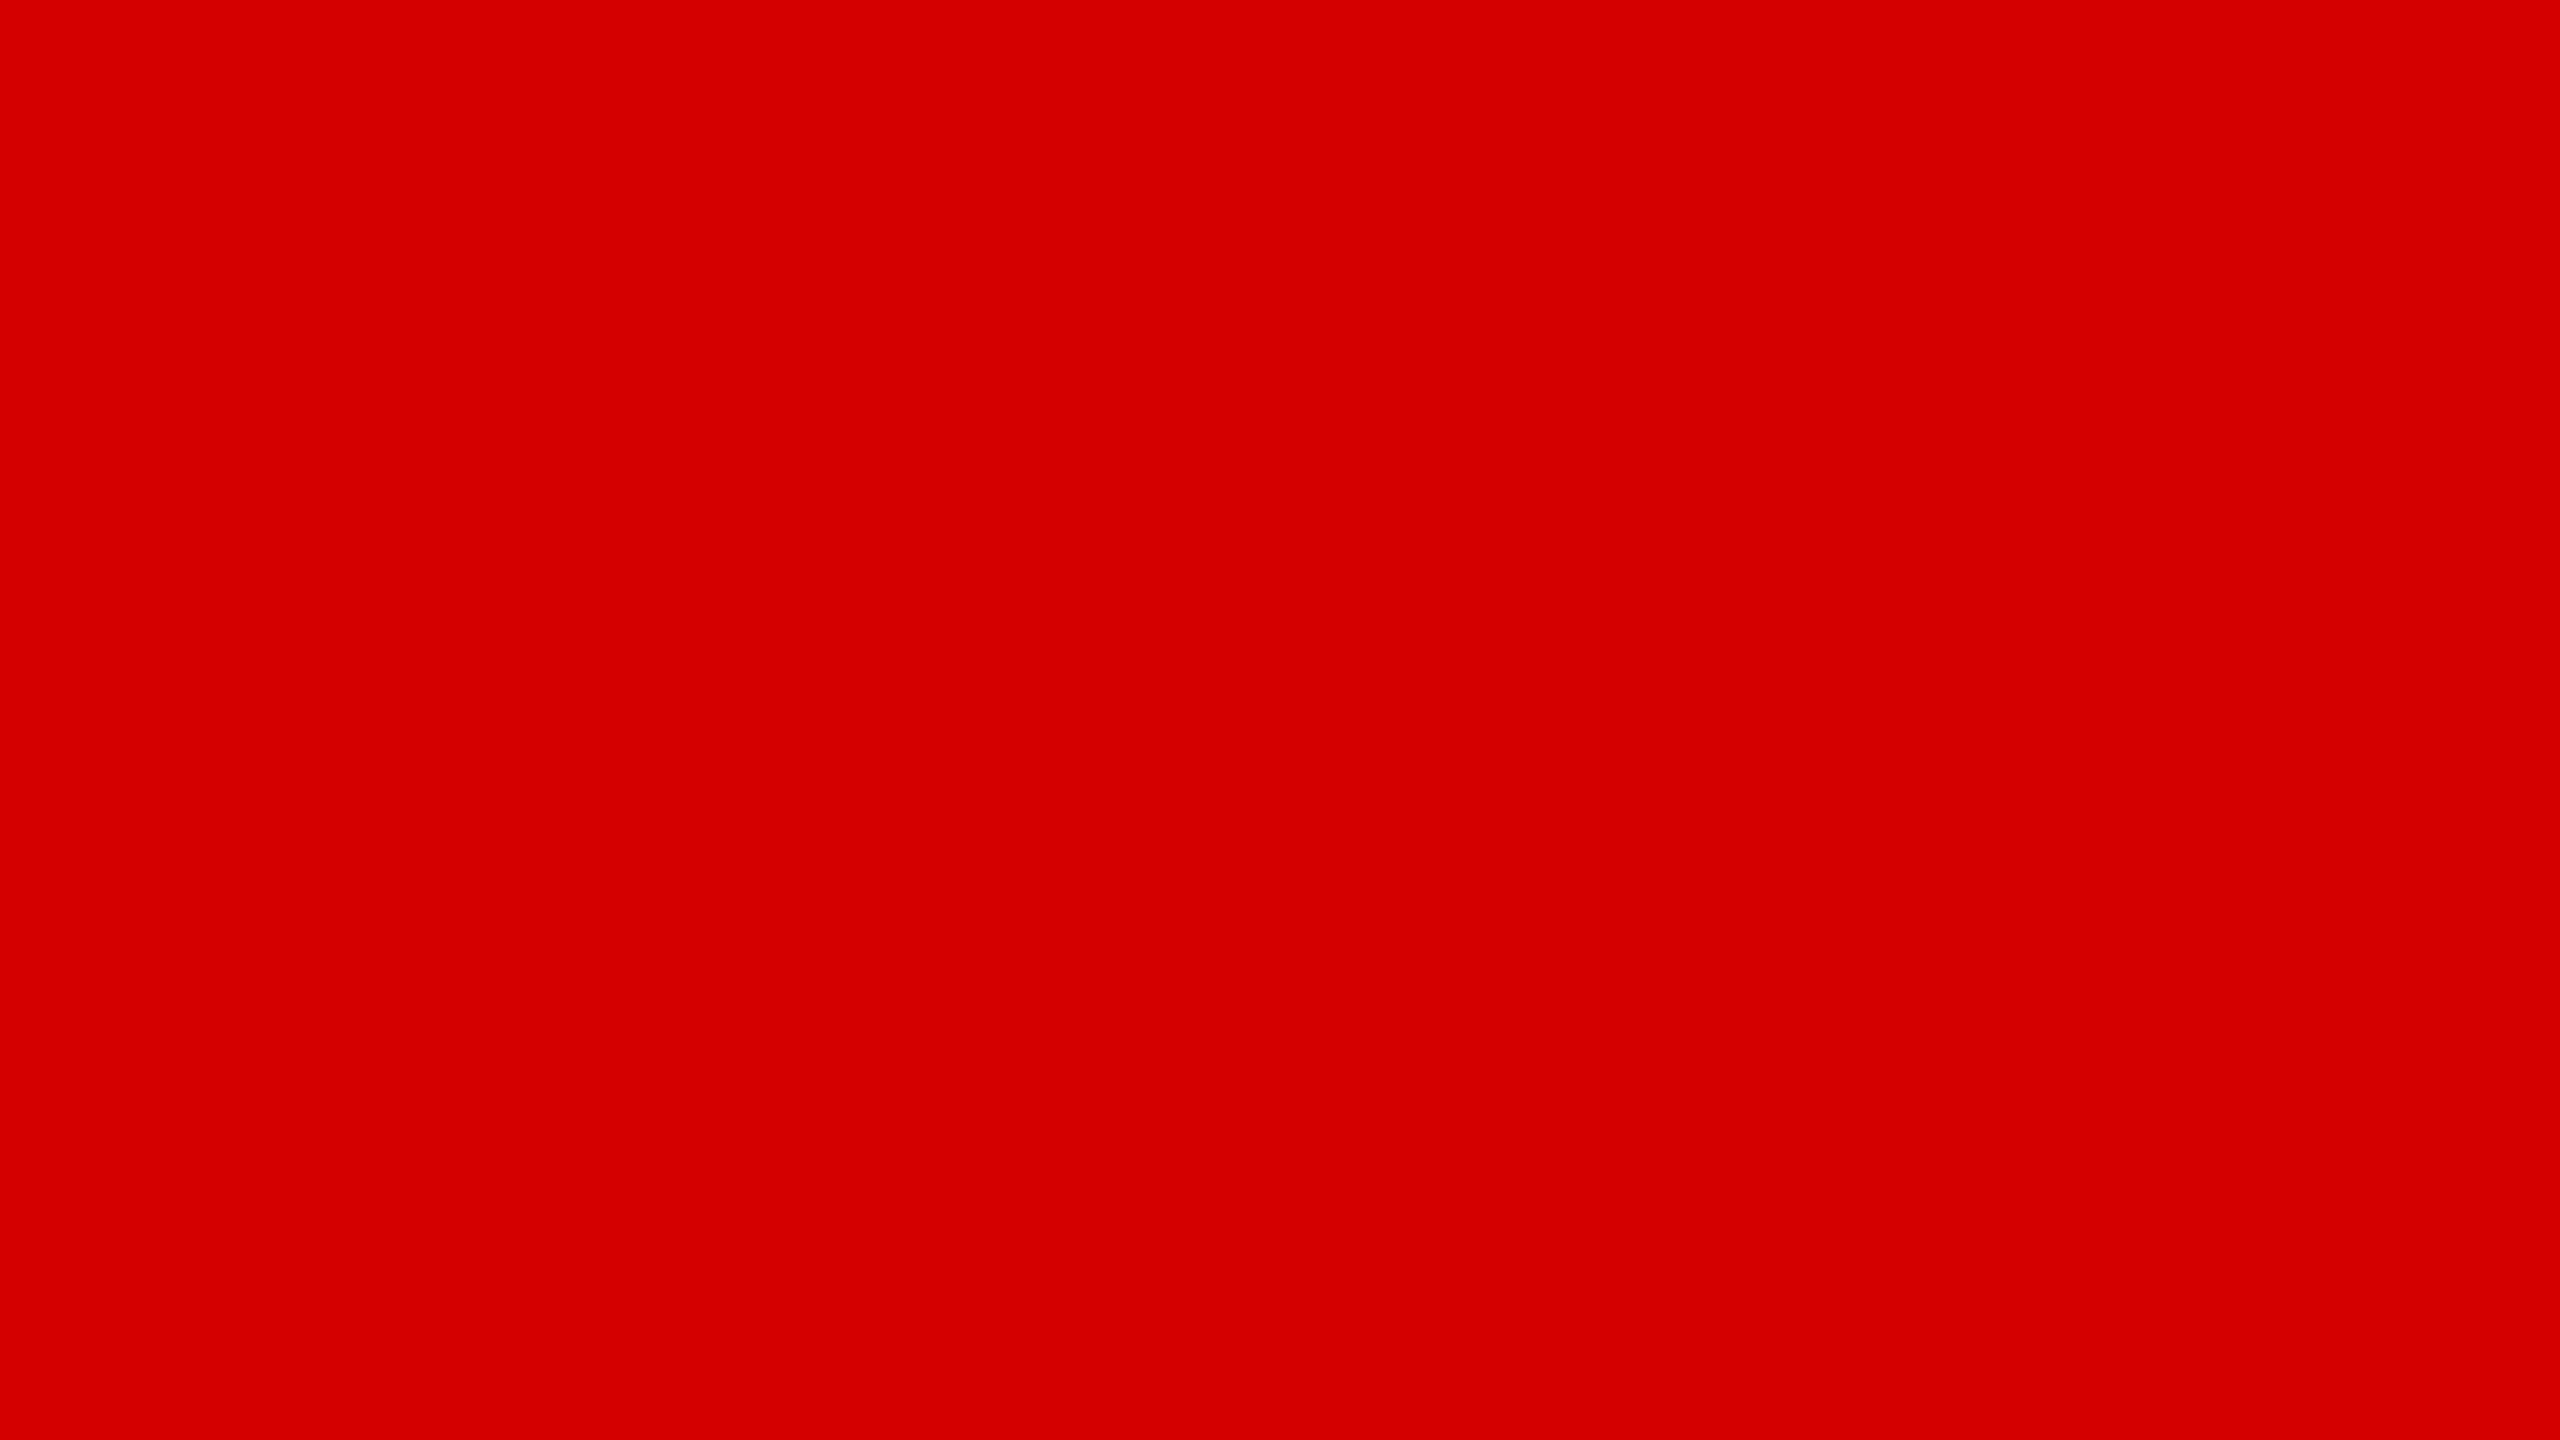 Rosso Corsa Junglekey It Immagini